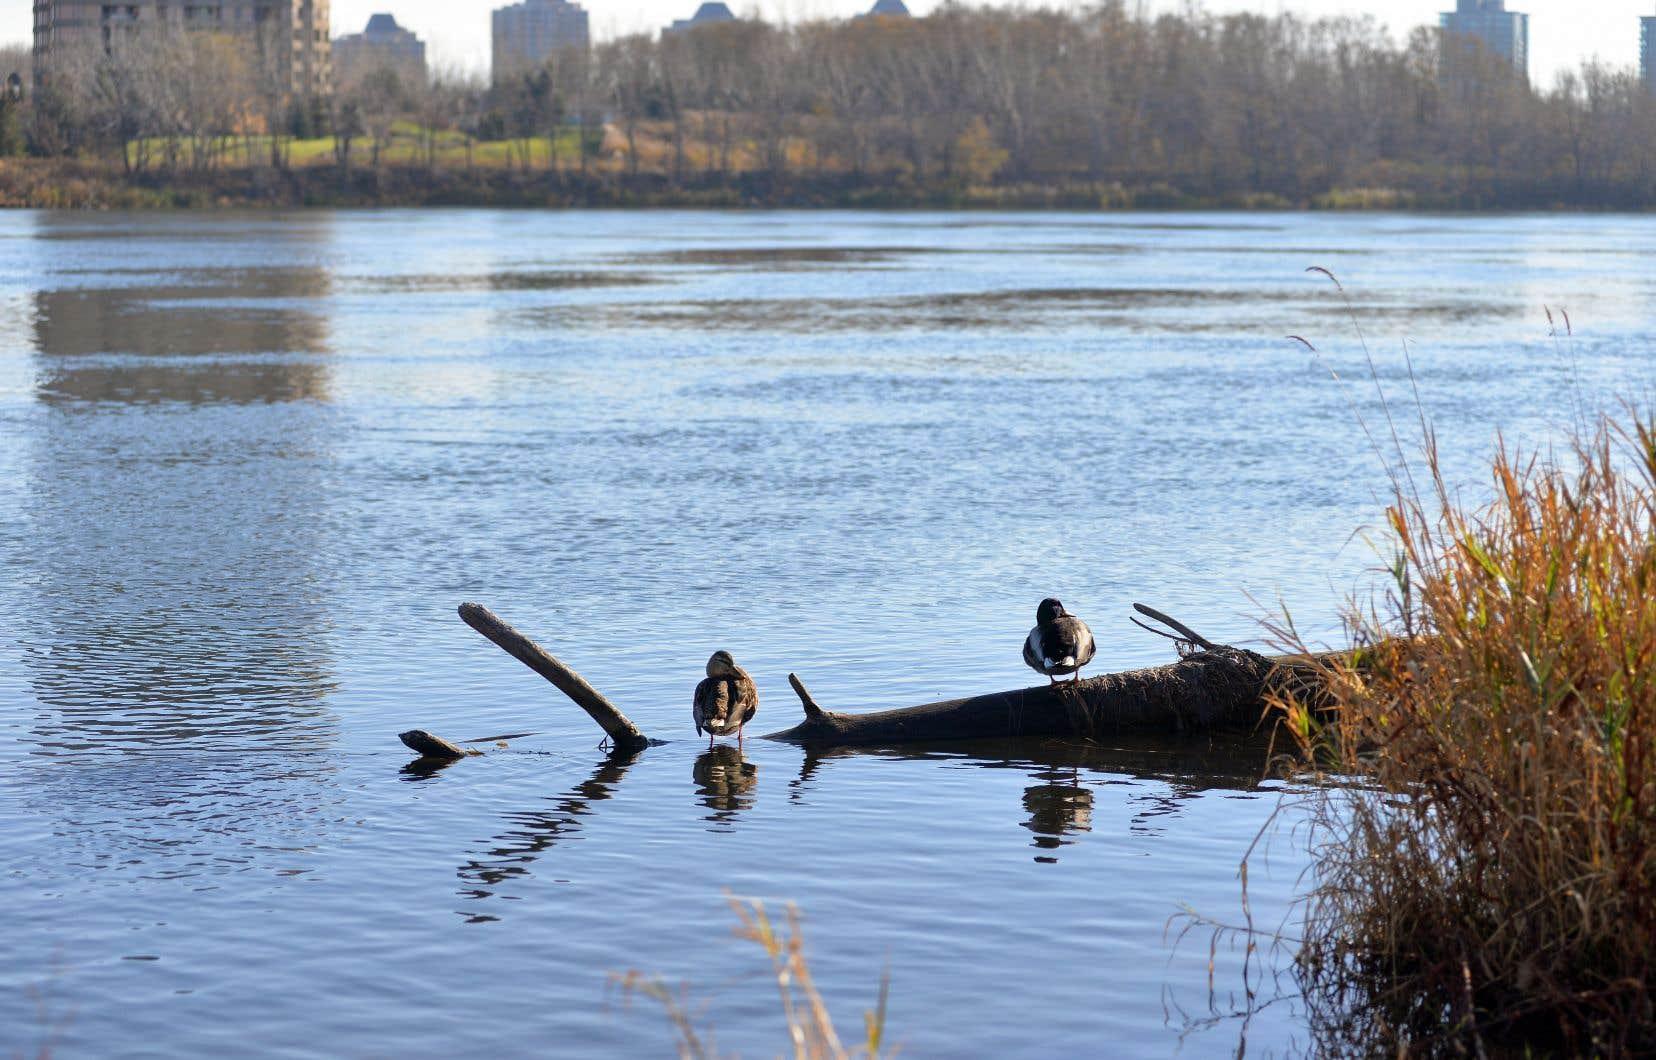 Selon une étude publiée l'an dernier par des chercheurs de l'Université McGill, la pollution par les microplastiques est très présente dans les sédiments du Saint-Laurent.